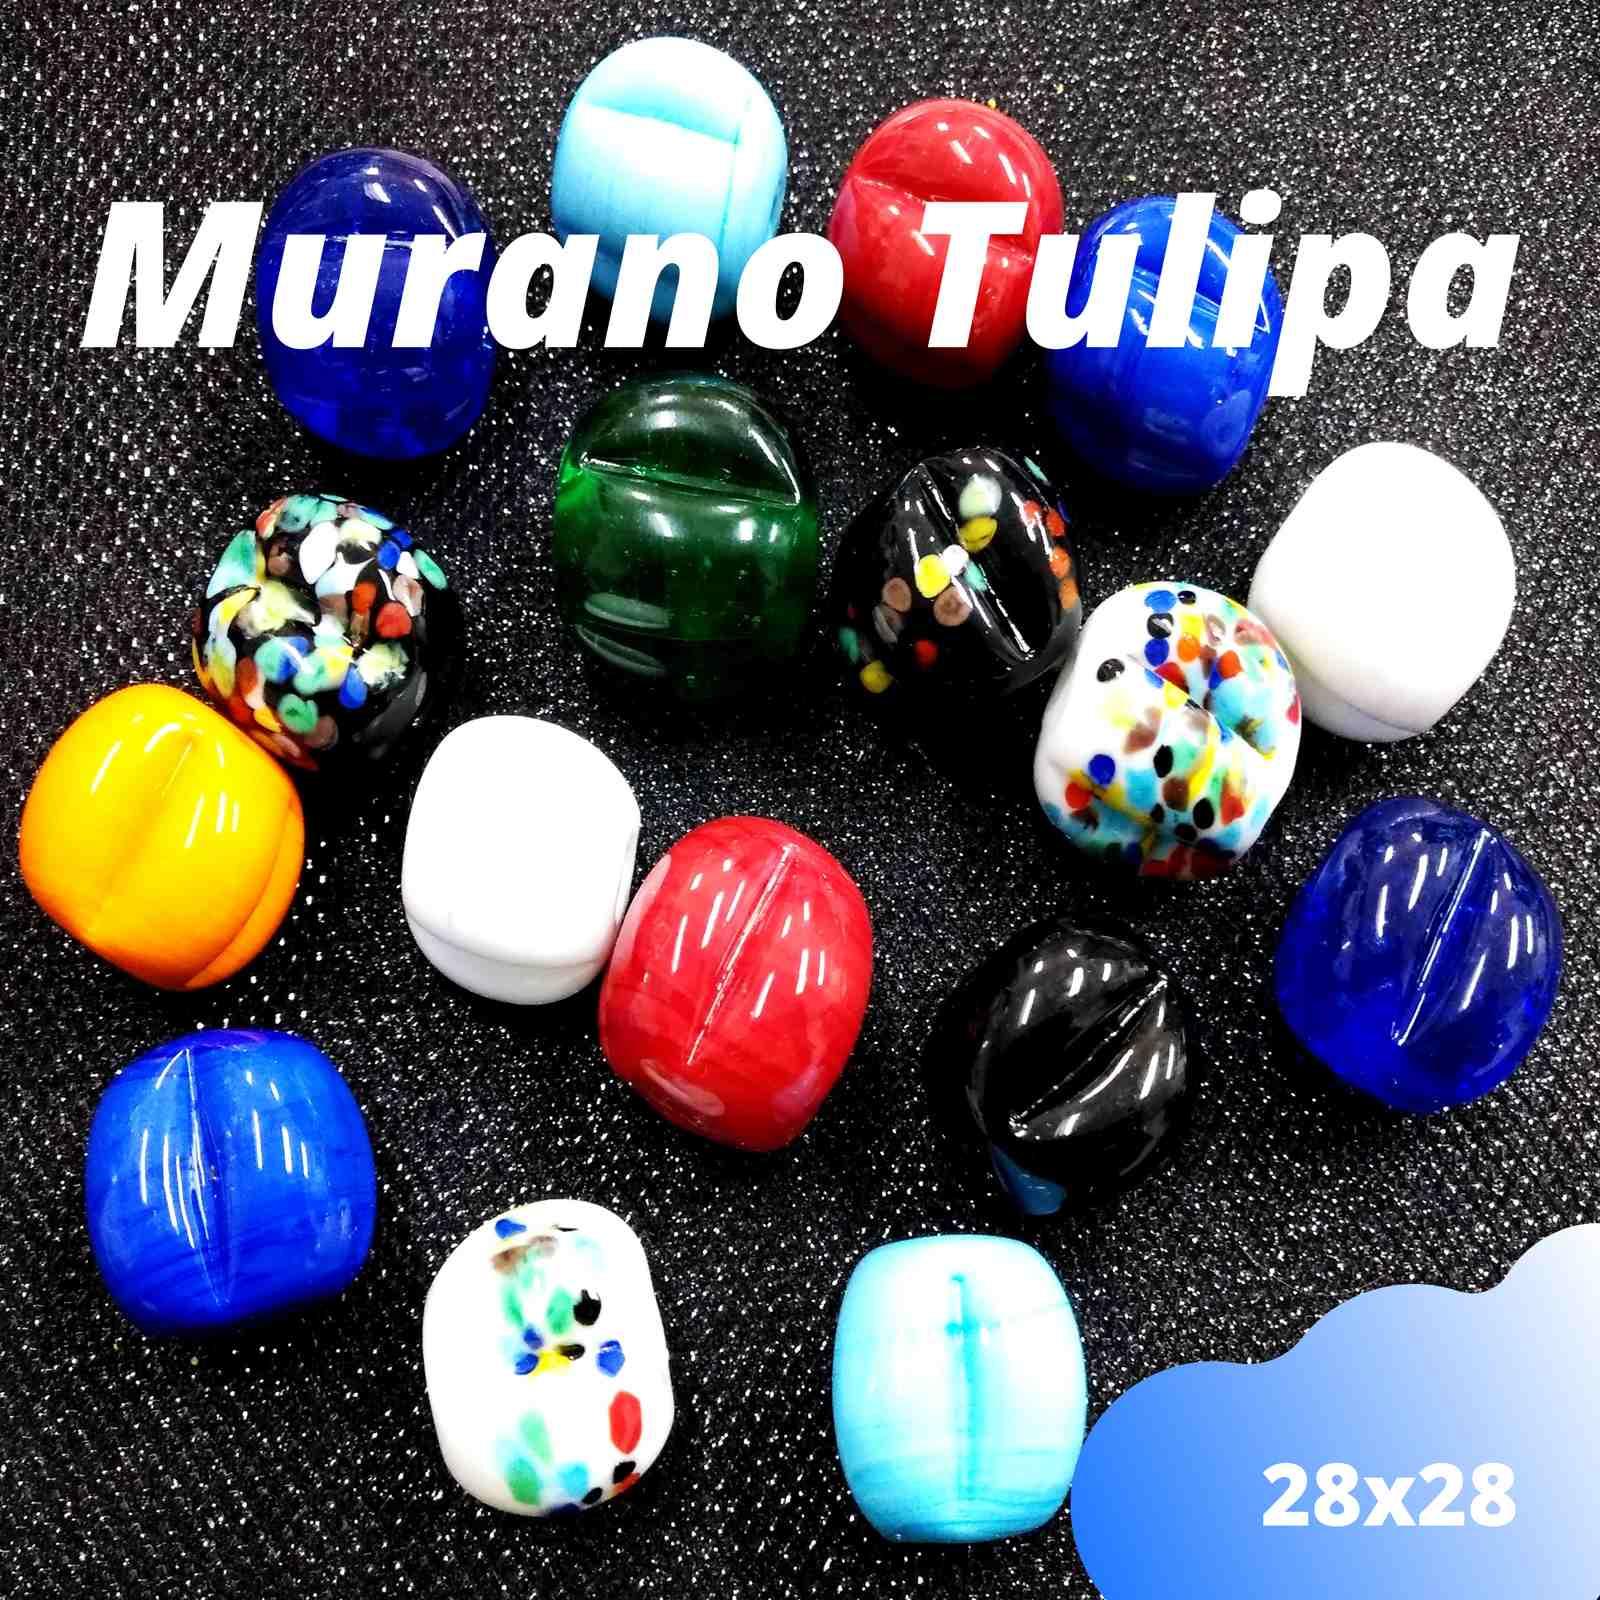 Murano Tulipa 28x28